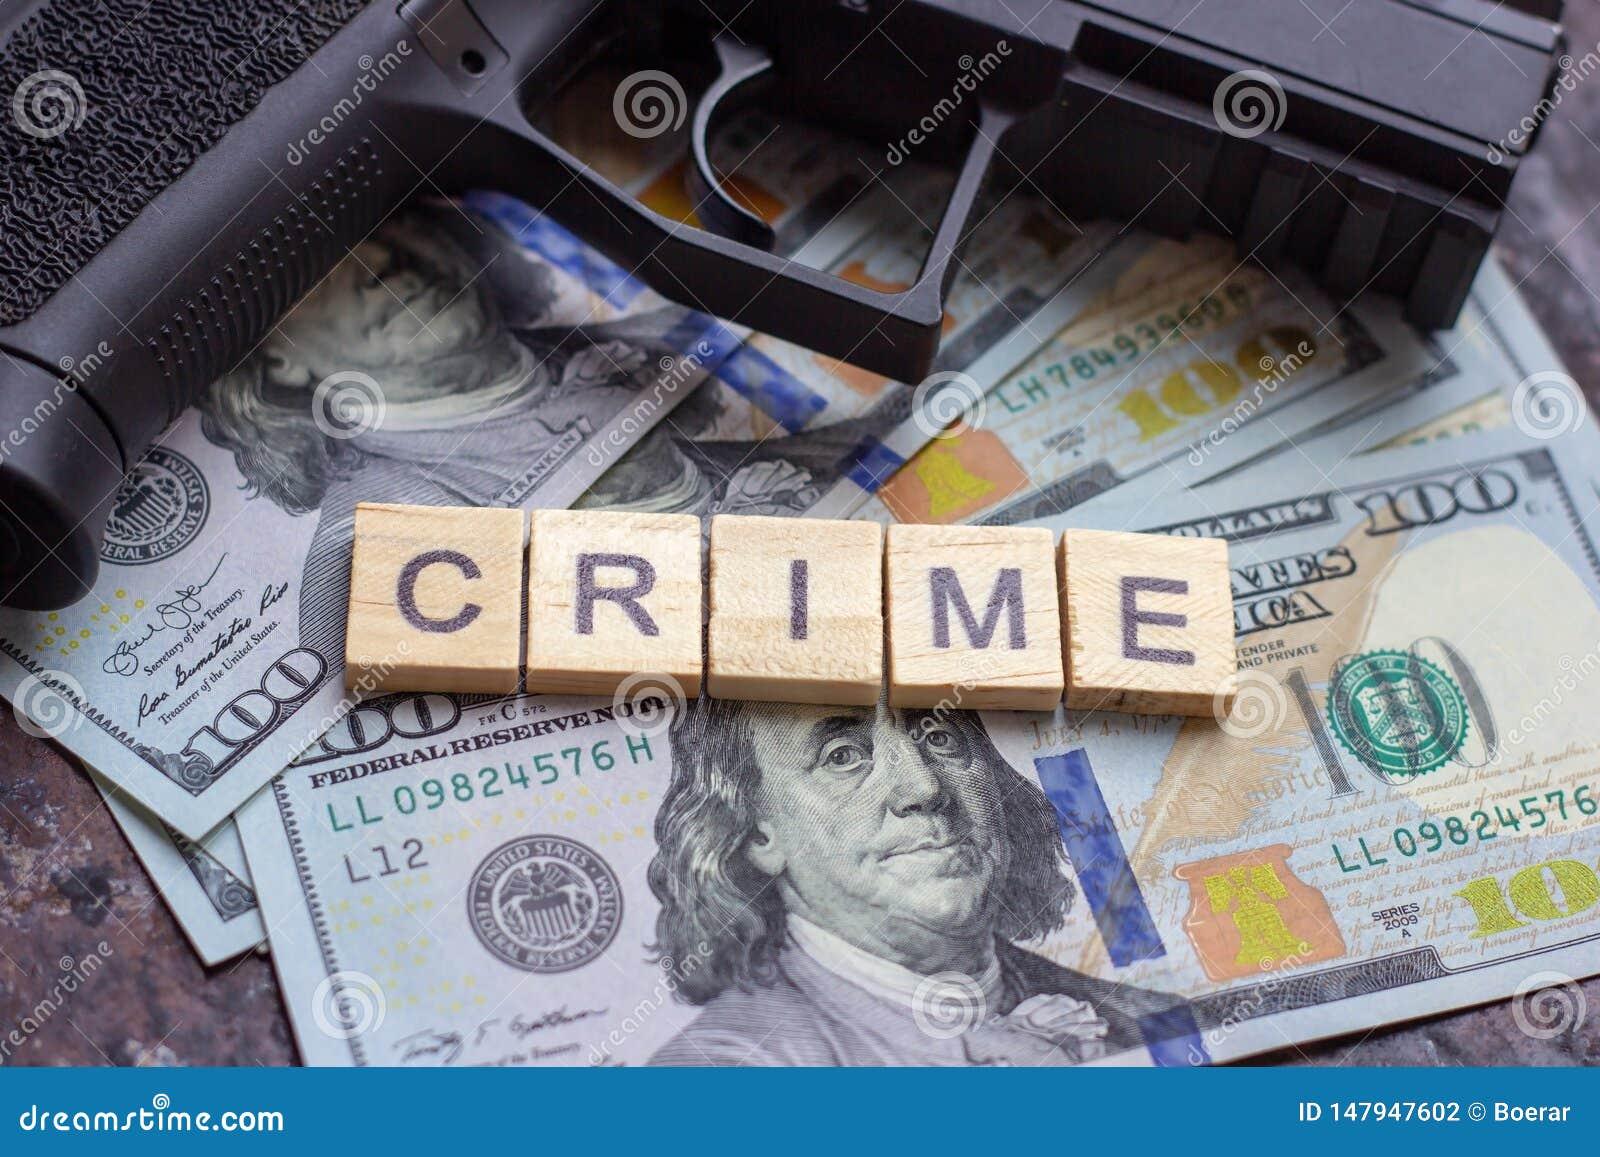 Εγκληματικό σημάδι και μαύρο πυροβόλο όπλο στο υπόβαθρο αμερικανικών δολαρίων Μαύρη αγορά, δολοφονία συμβάσεων, μαφία και έννοια